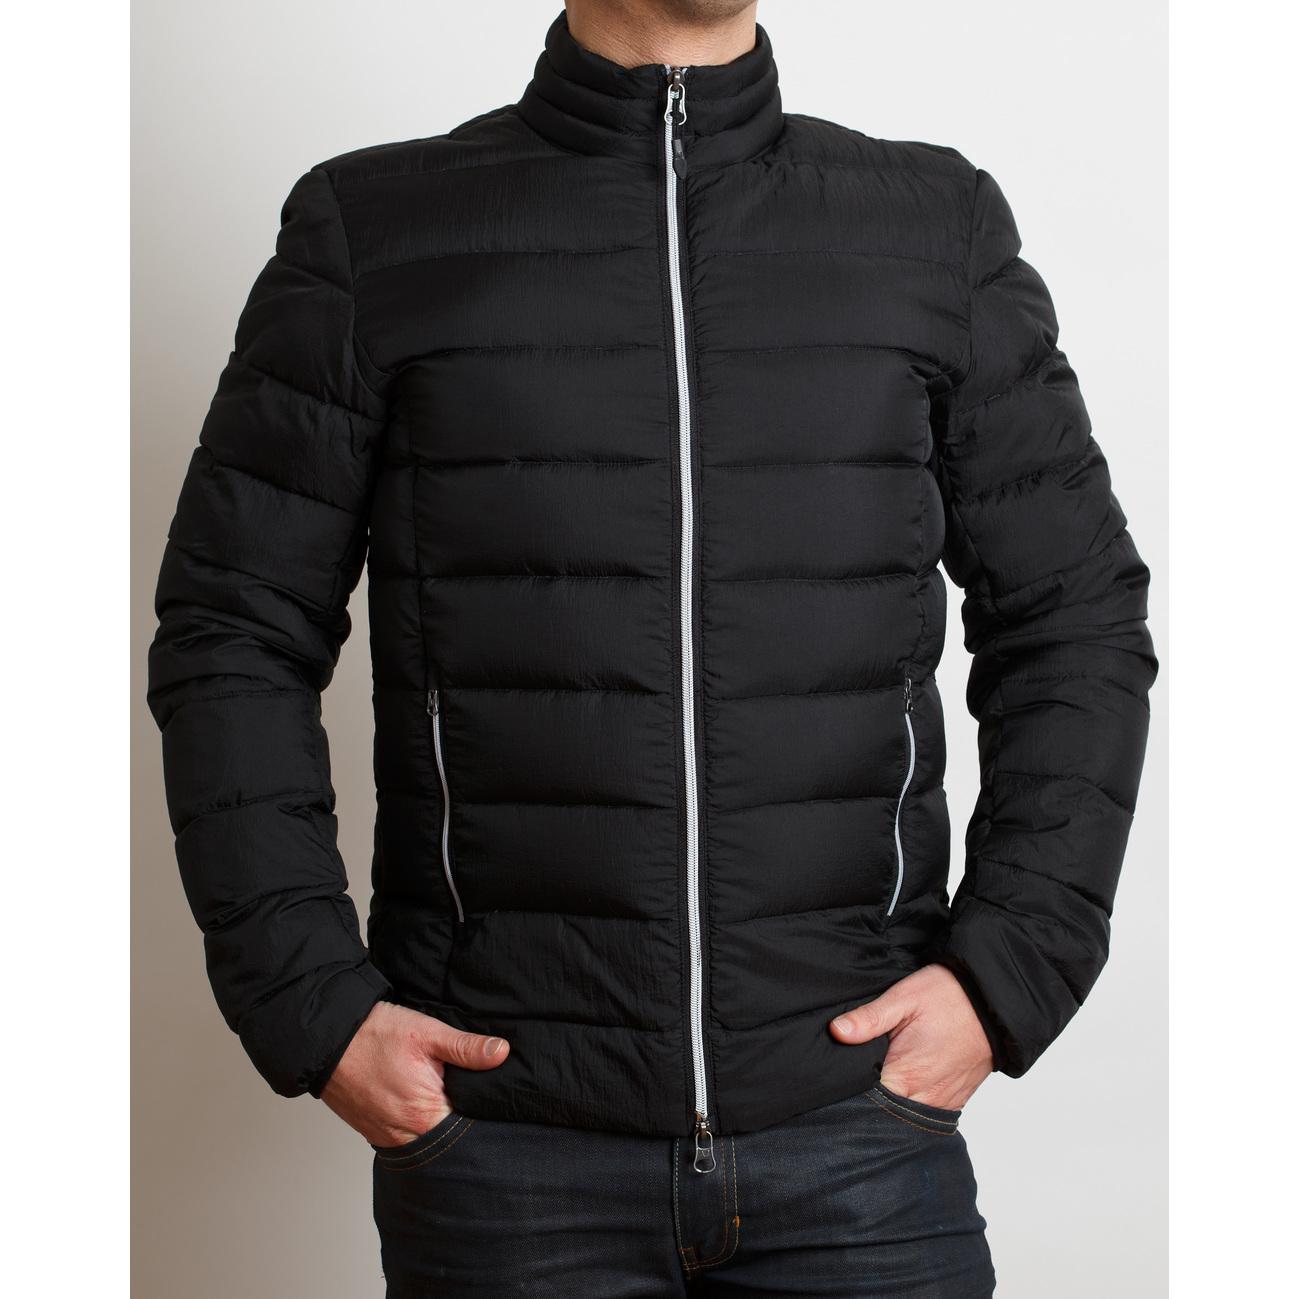 761009042949 Découvrez tous les styles de armani jeans doudoune homme pour hommes, femmes  et enfants dans une gamme de tailles et de styles.